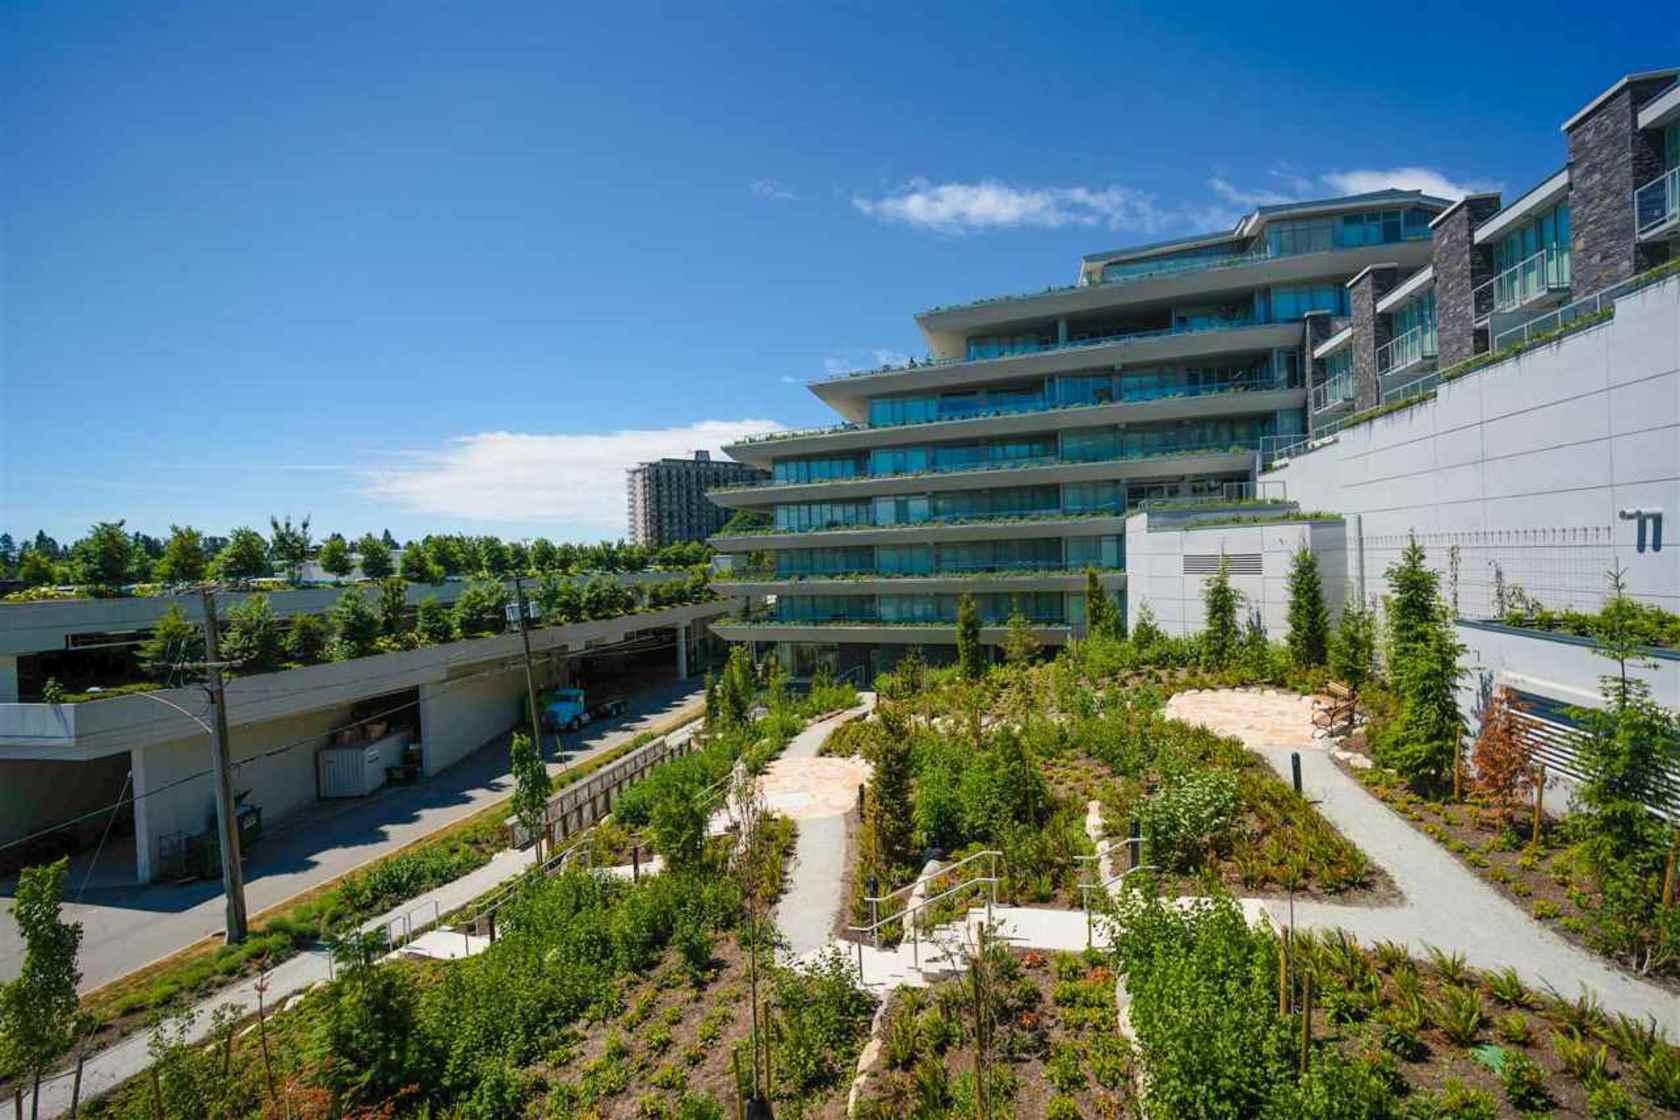 768-arthur-erickson-place-park-royal-west-vancouver-16 at 204 - 768 Arthur Erickson Place, Park Royal, West Vancouver